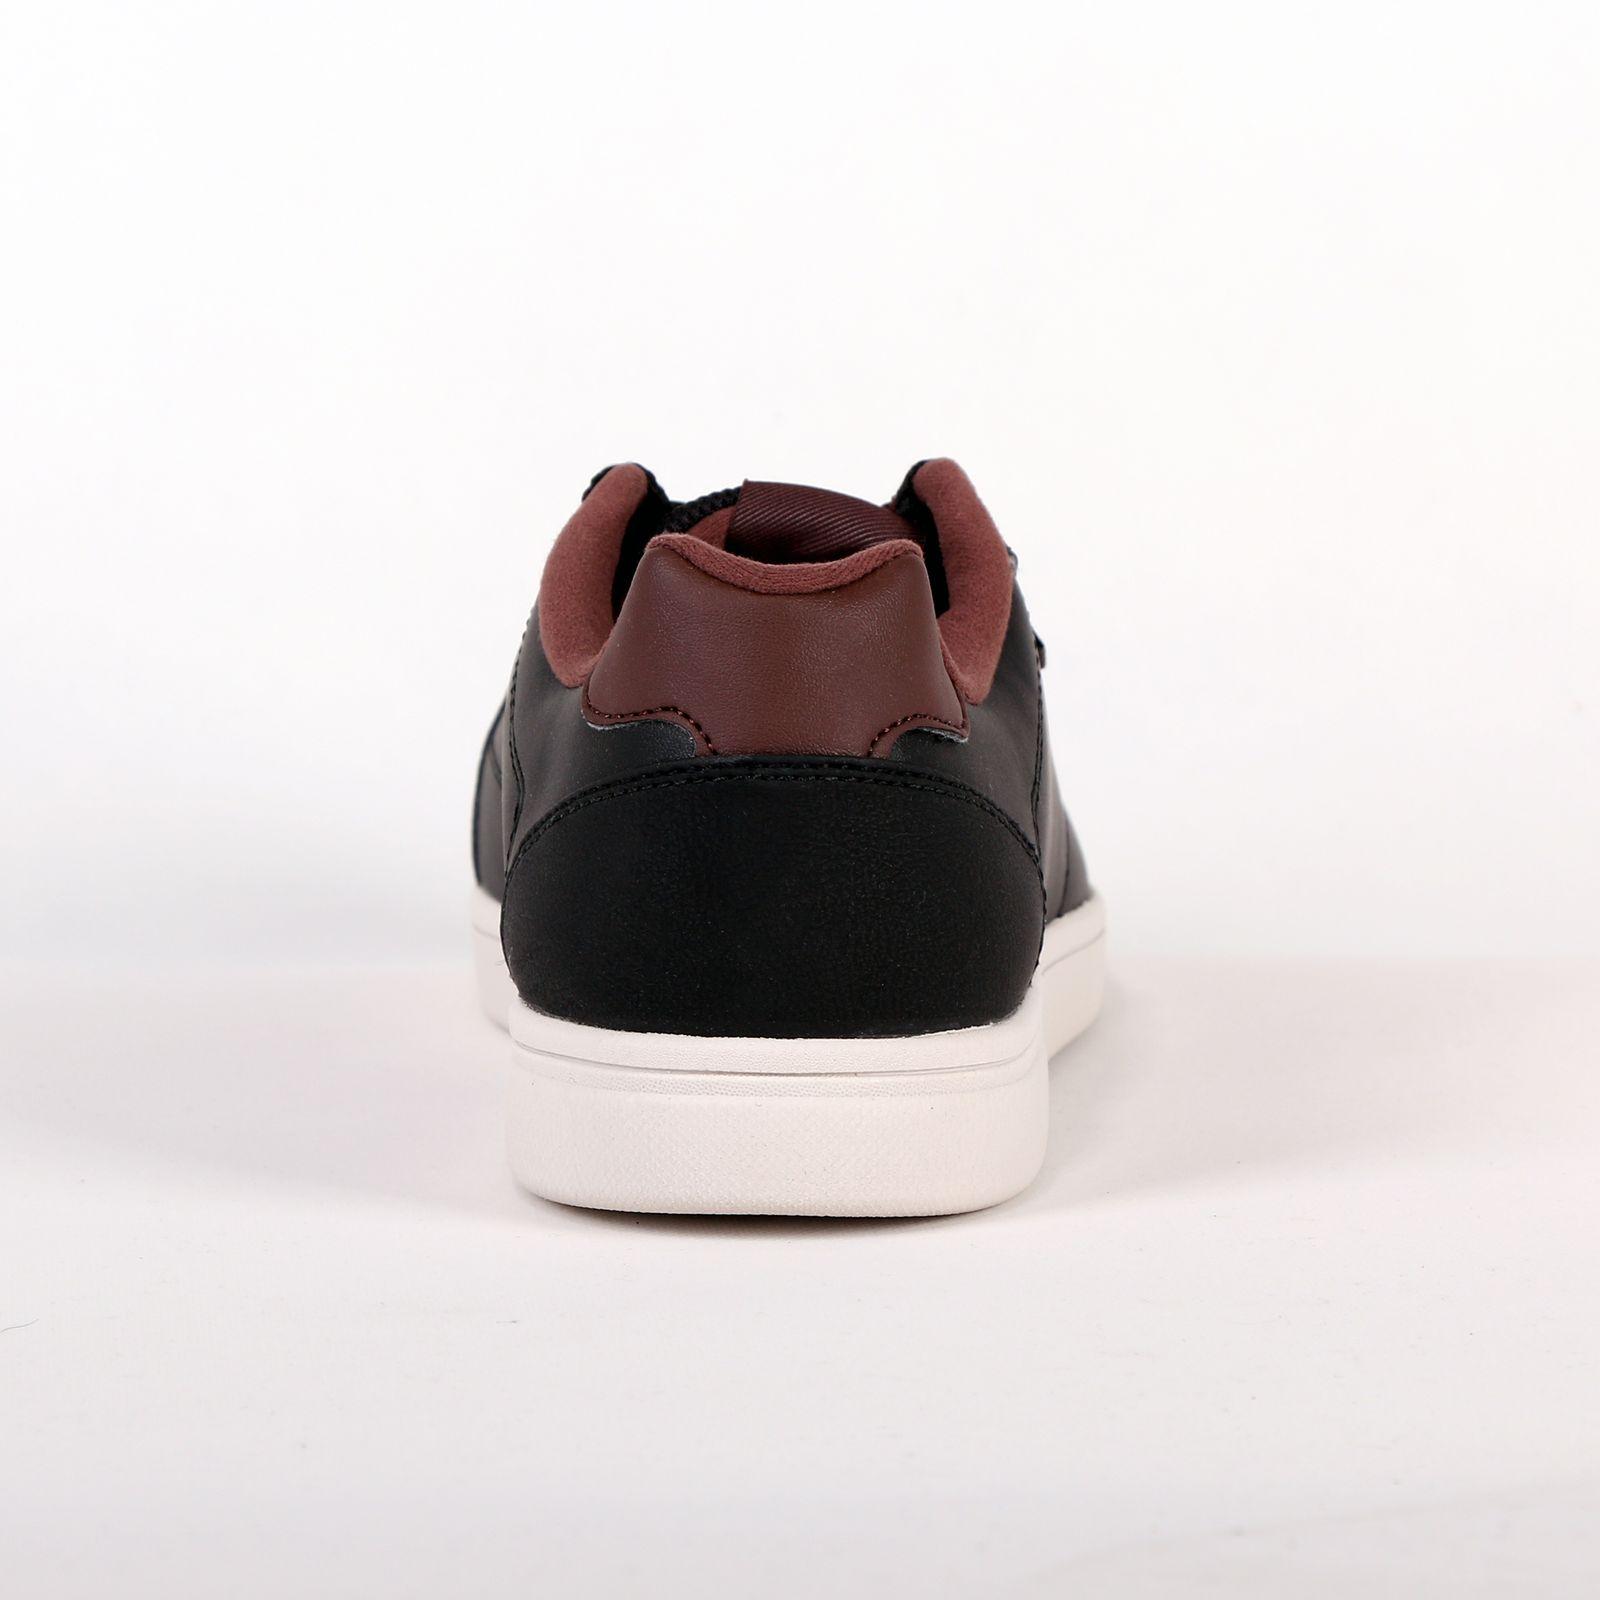 کفش راحتی مردانه 361 درجه مدل 571446631 رنگ قهوه ای تیره -  - 3